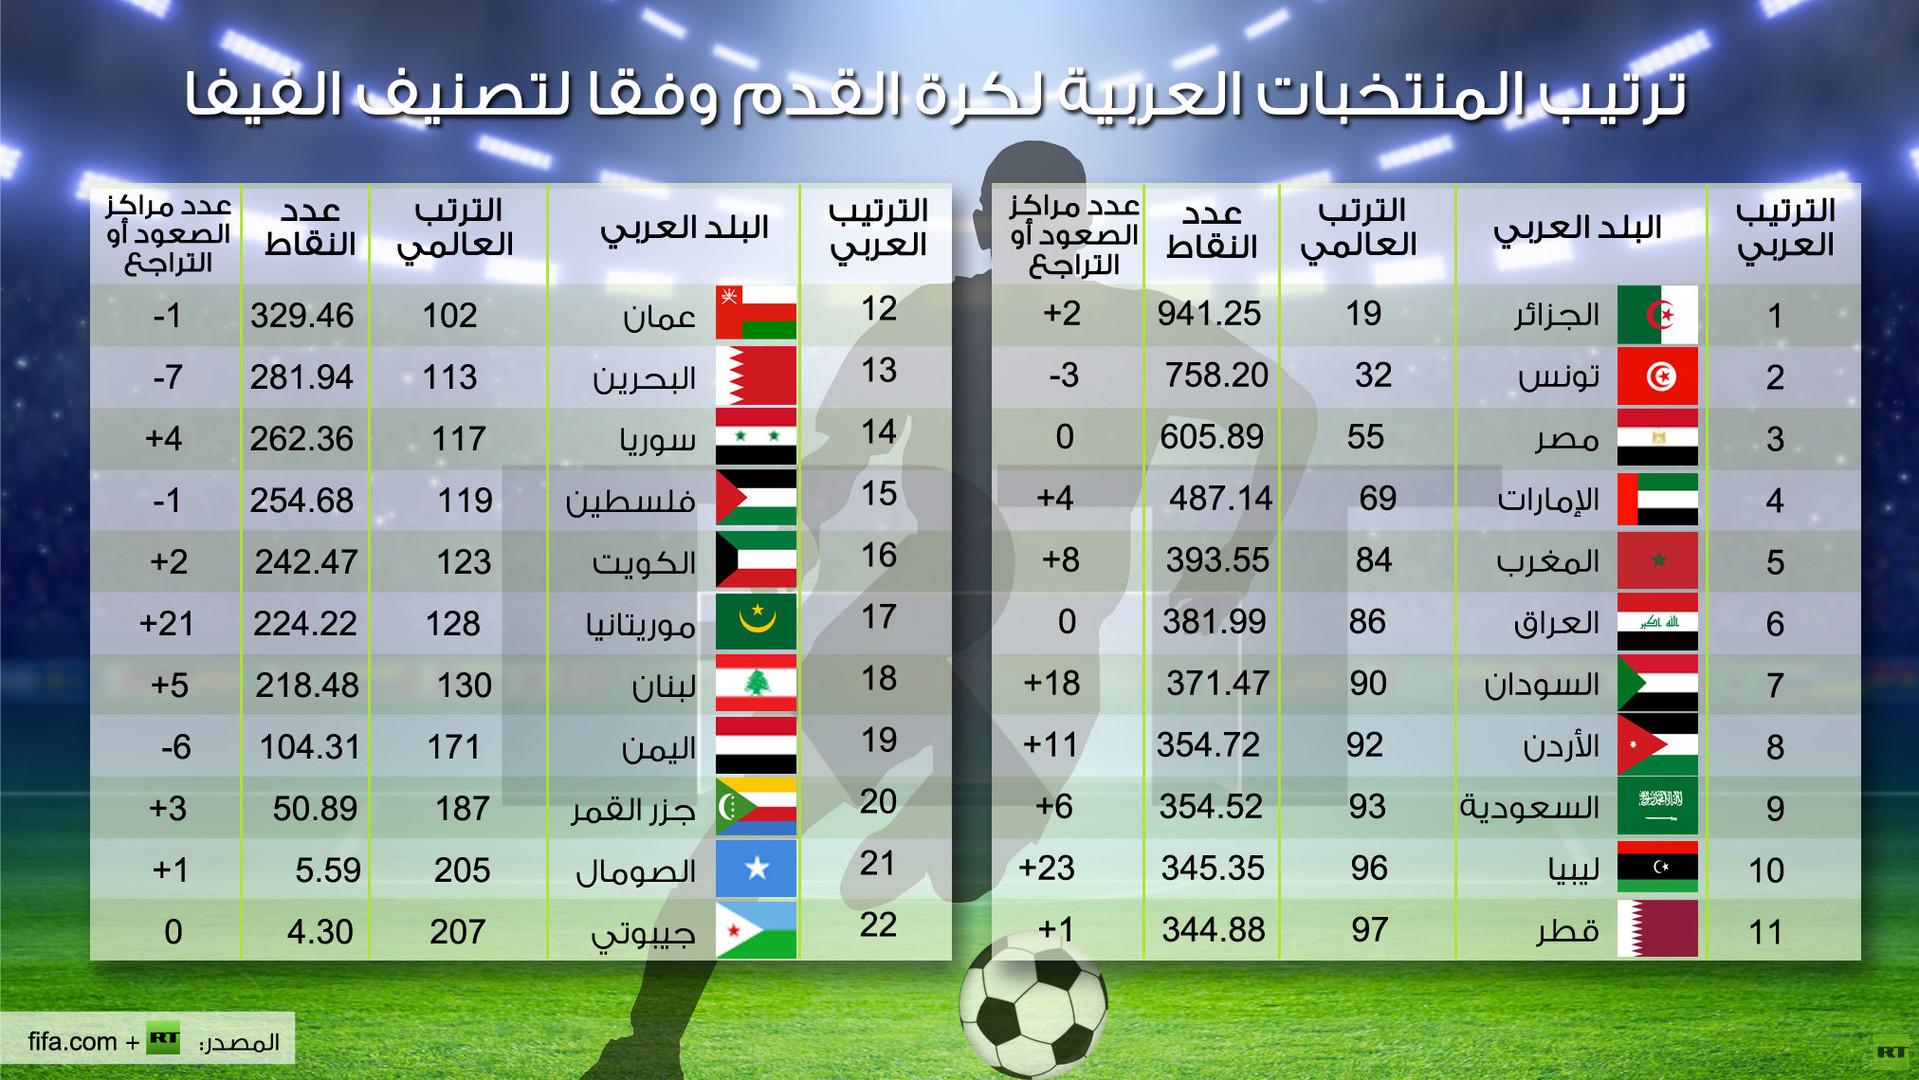 تصنيف الفيفا الجديد: الأرجنتين تتصدر و الجزائر تتربع على عرش أفريقيا و مصر الخامس